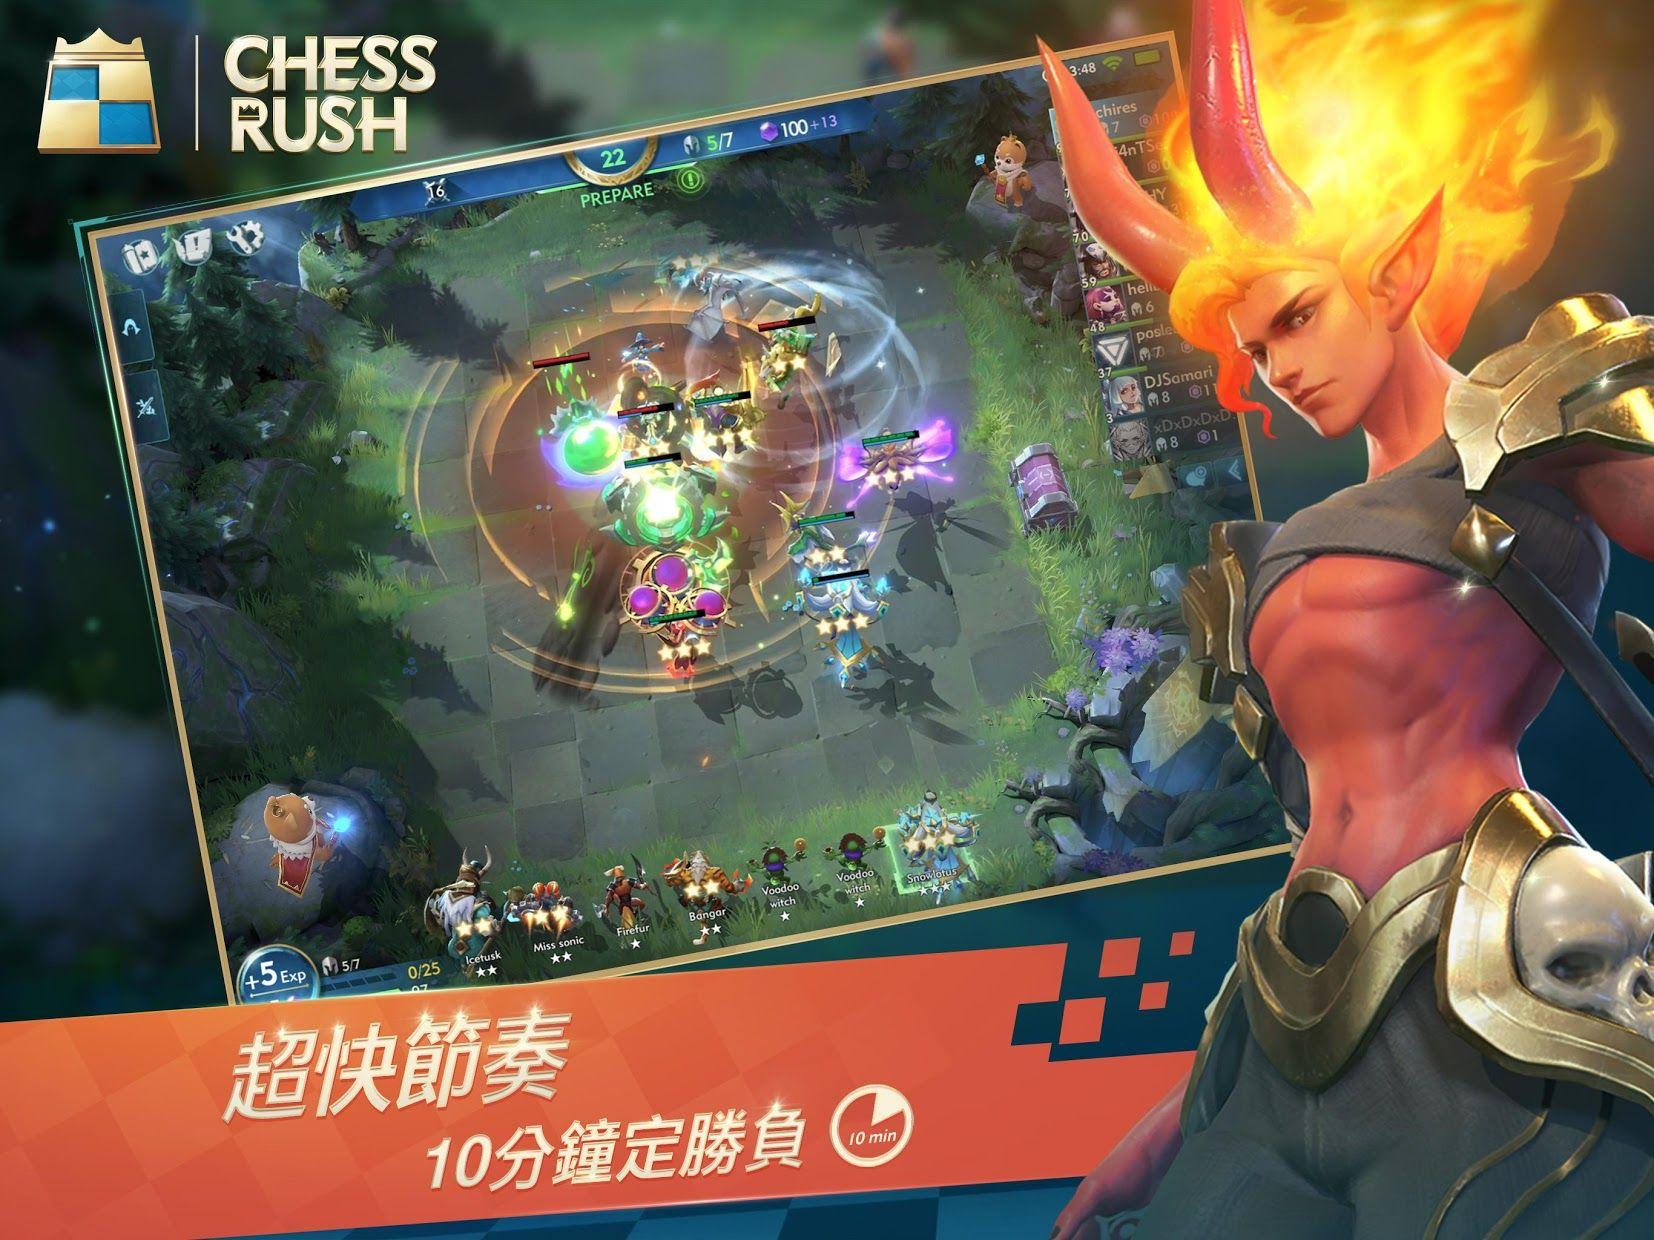 Chess Rush 游戏截图2